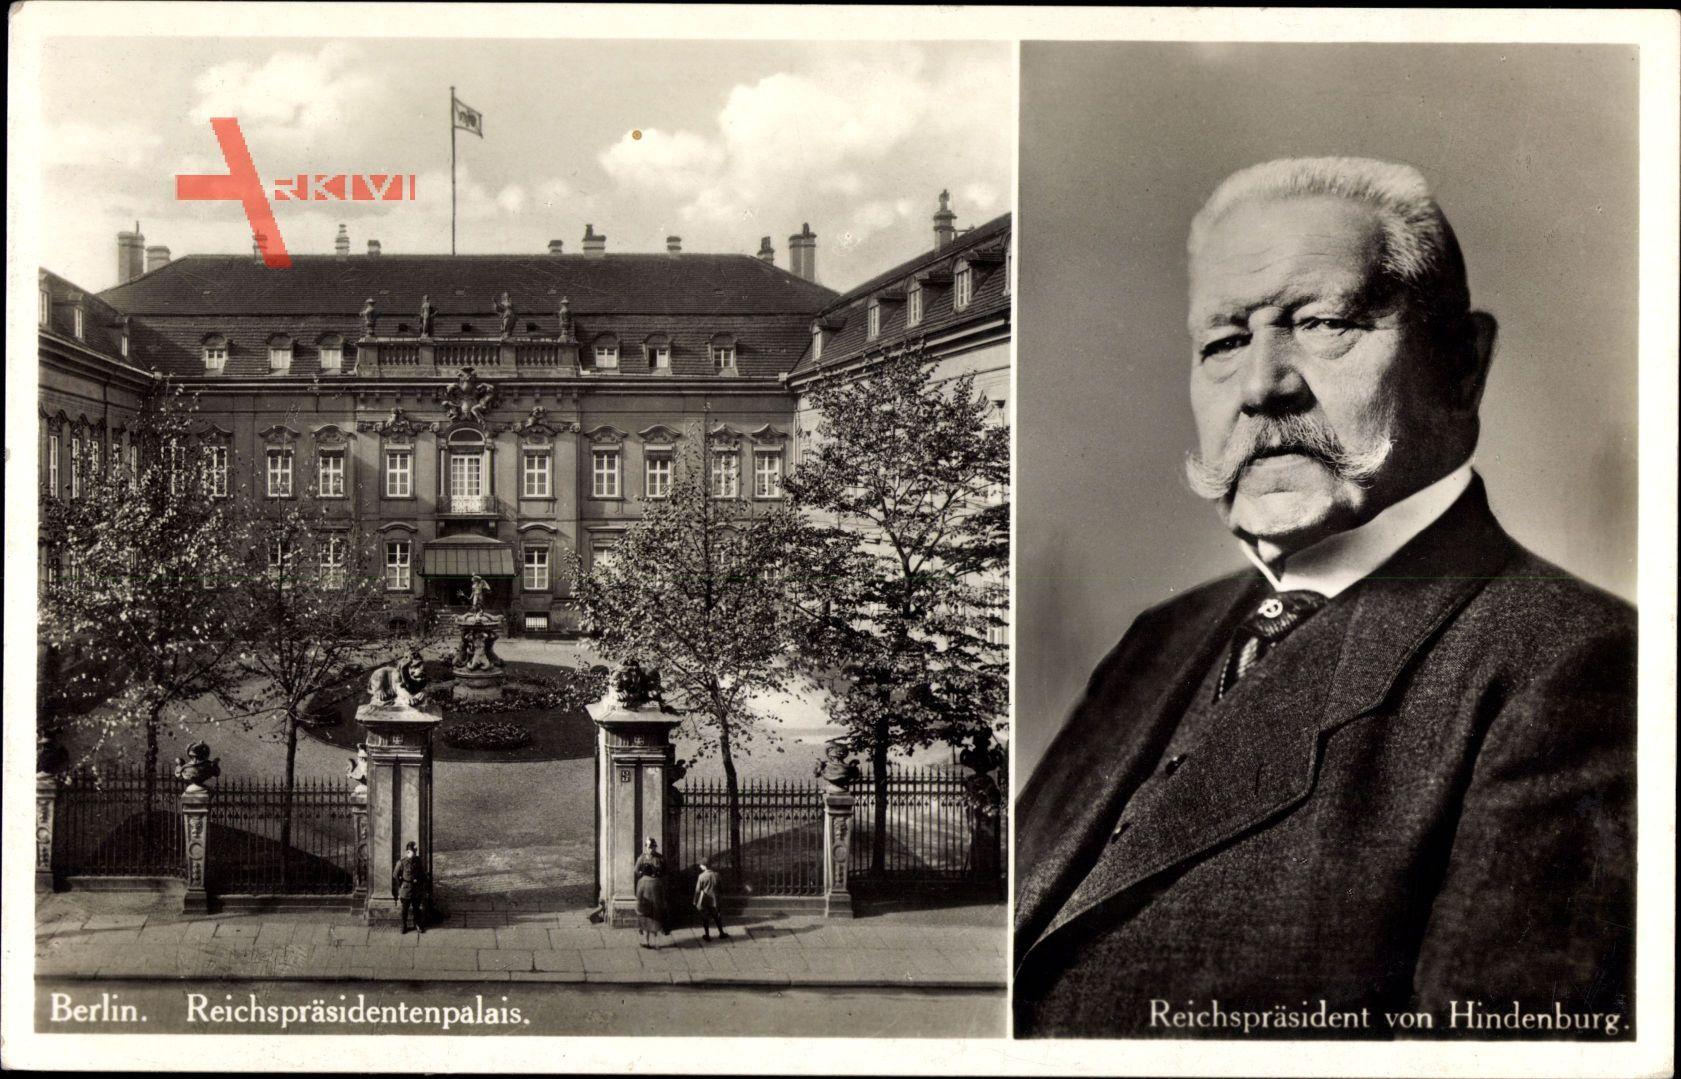 Berlin, Reichspräsidentenpalais, Reichspräsident Paul von Hindenburg